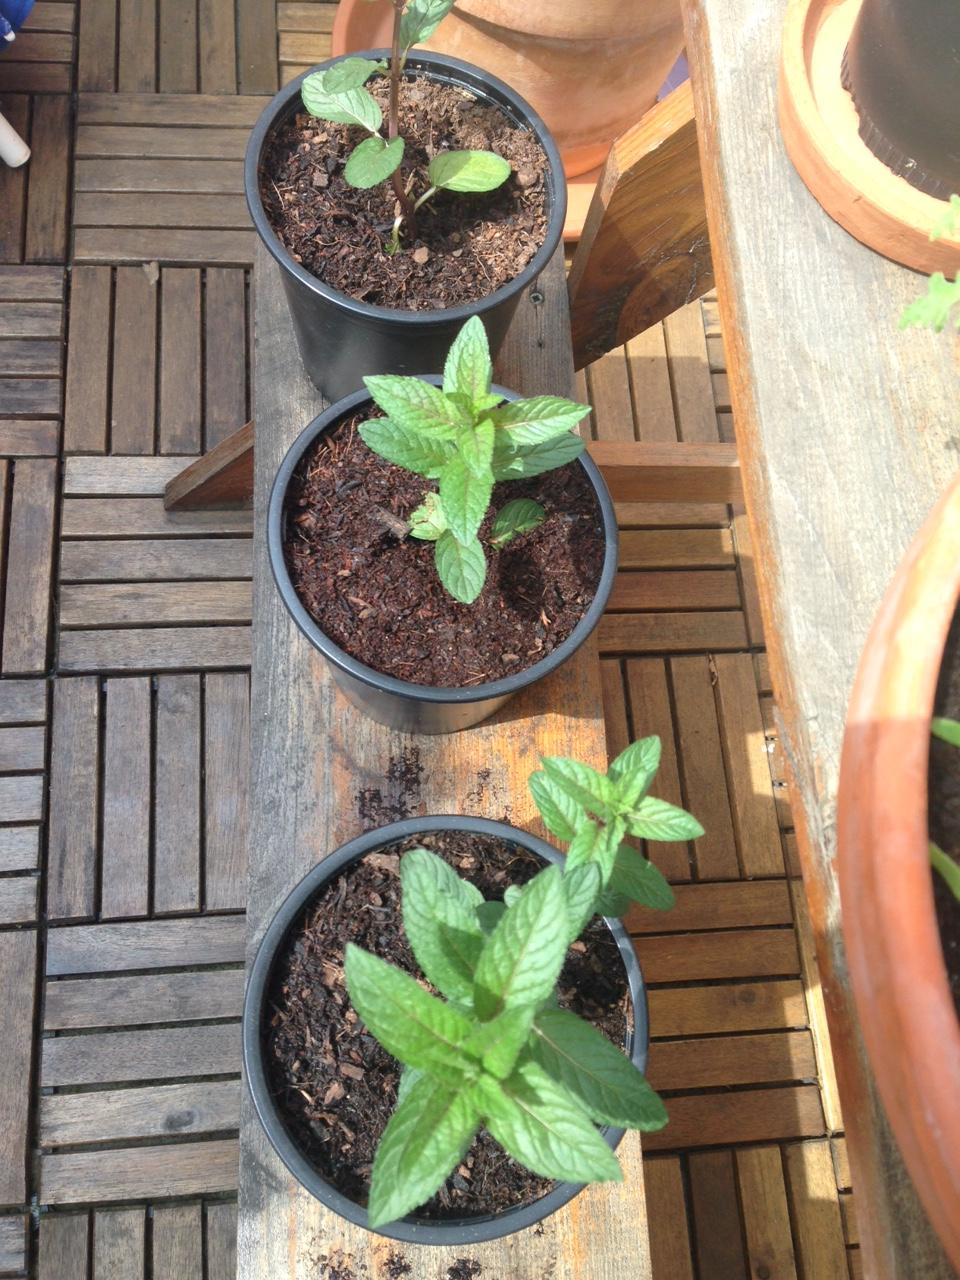 pflanzenblog seite 2 blumen sind pflanzen. Black Bedroom Furniture Sets. Home Design Ideas